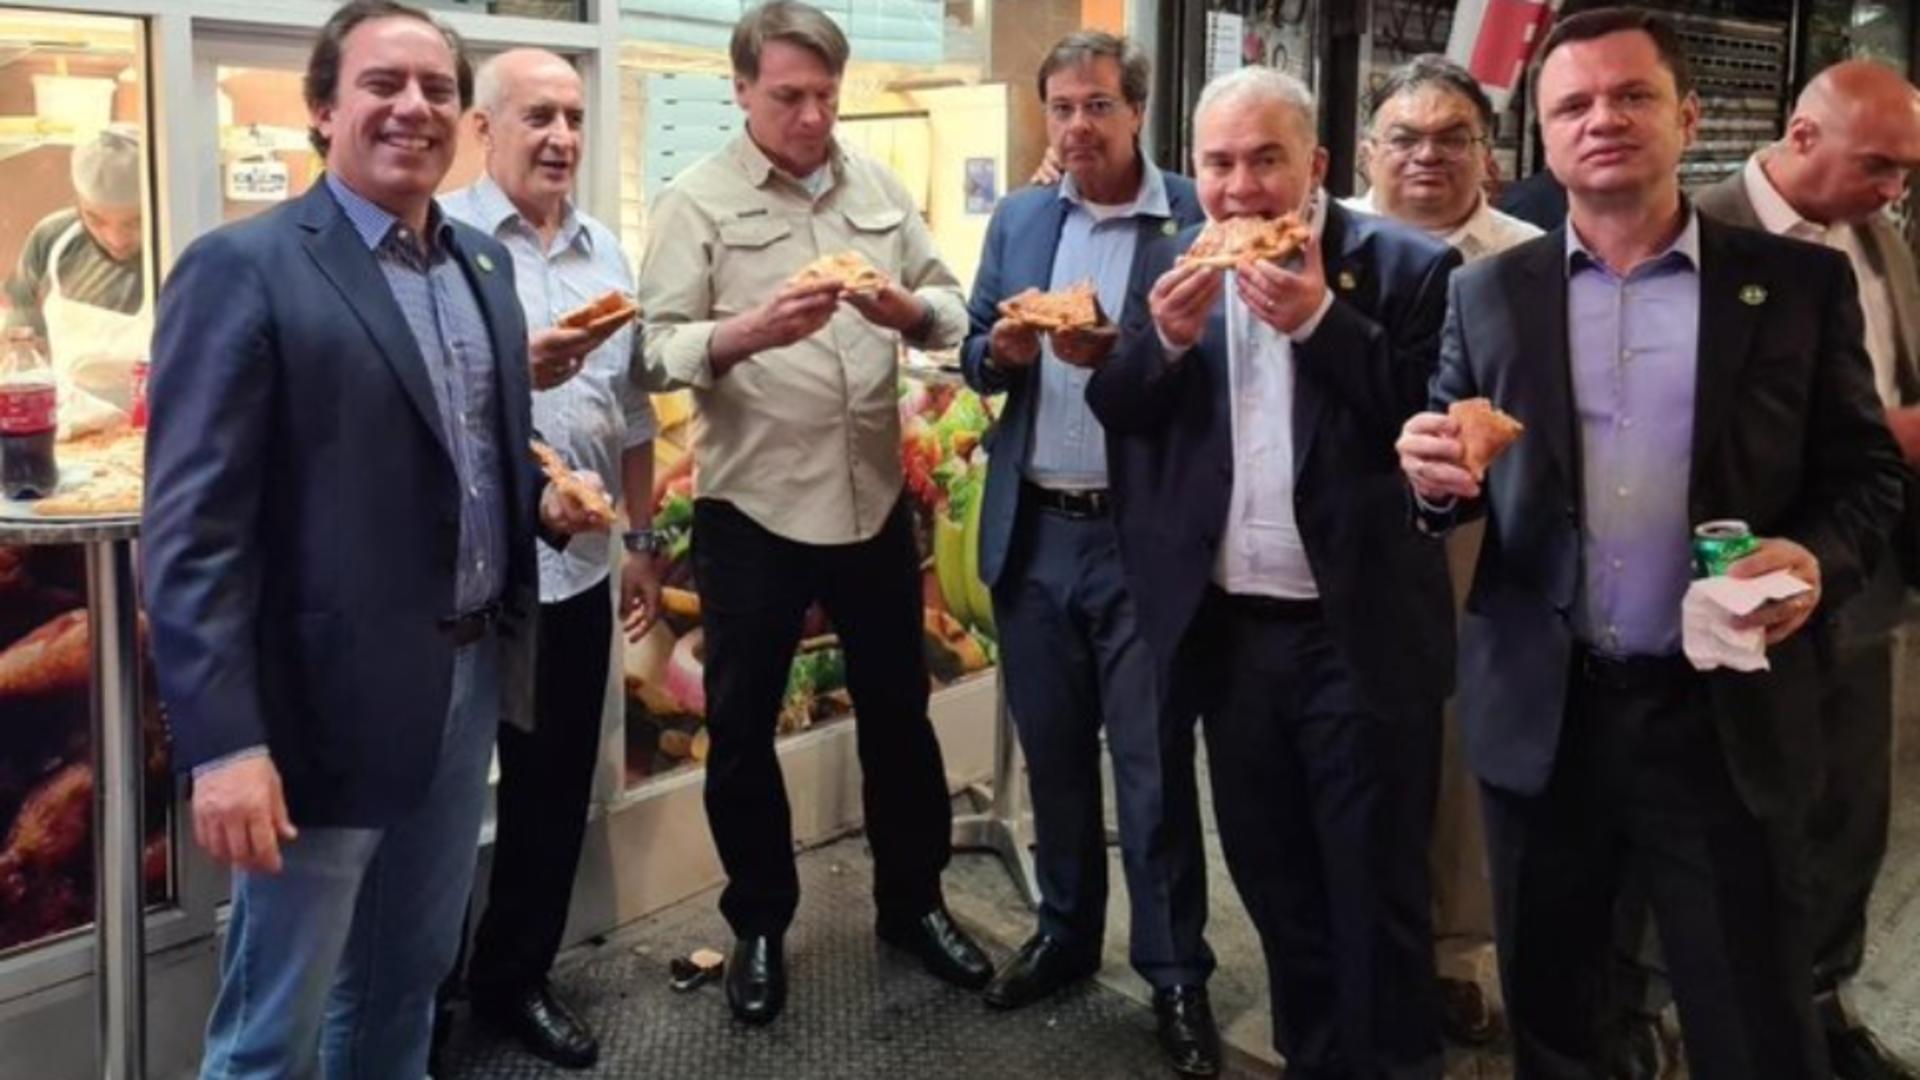 Președintele brazilian, obligat să mănânce pizza pe stradă, la New York... pentru că nu s-a vaccinat împotriva COVID-19